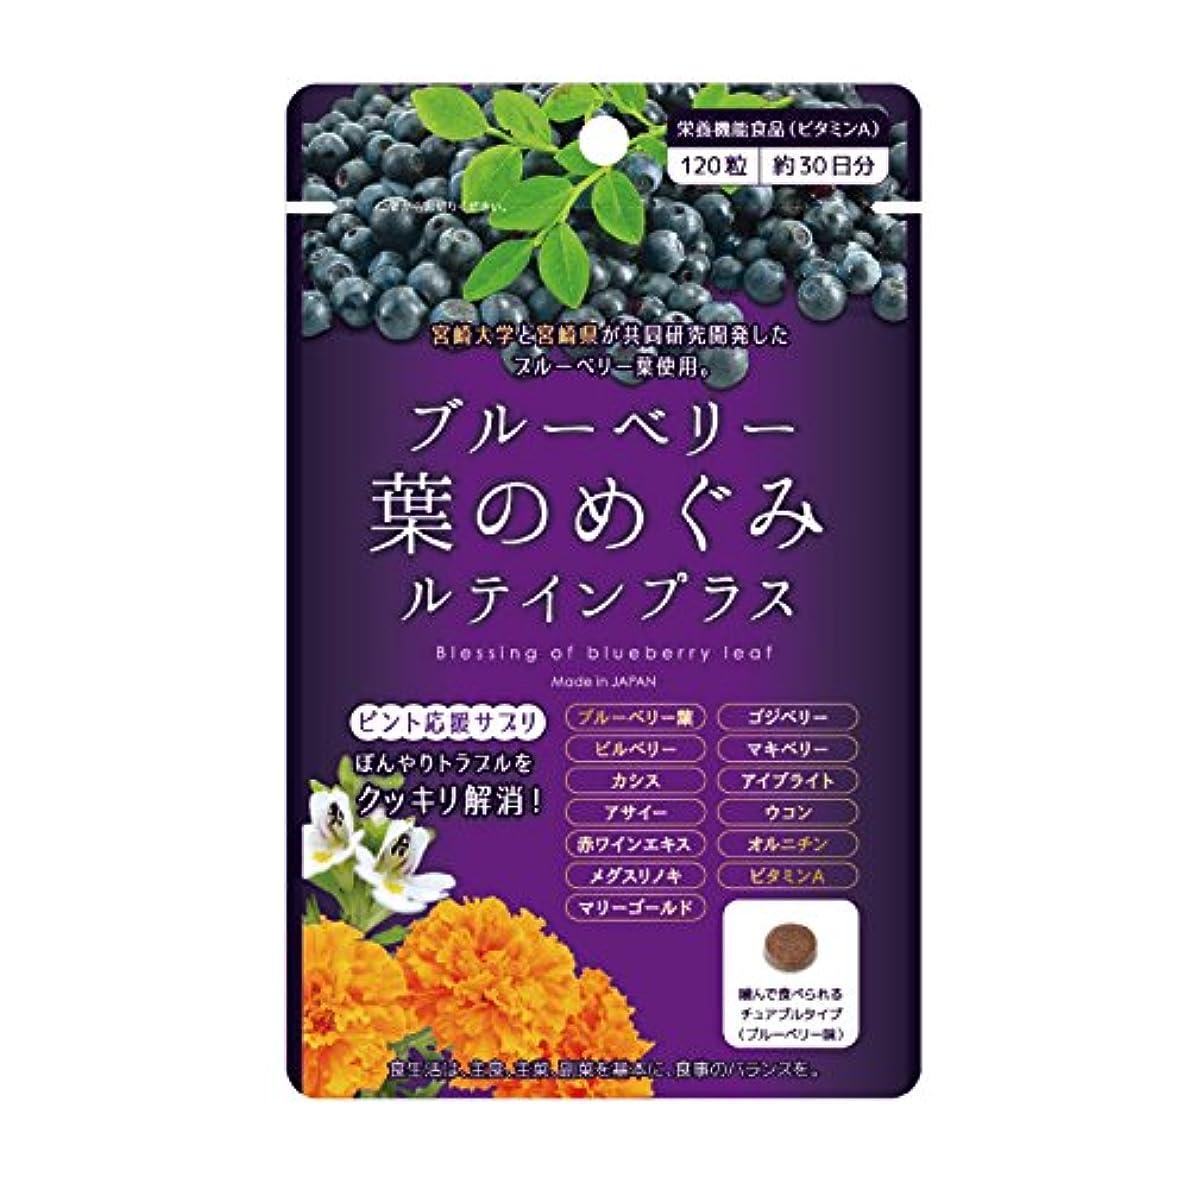 敷居可能にする太いブルーベリー葉 の めぐみ ルテイン プラス ビルベリー アサイー ビタミンA 配合 1袋 ?チュアブルタイプ? (120粒/約1ヶ月分